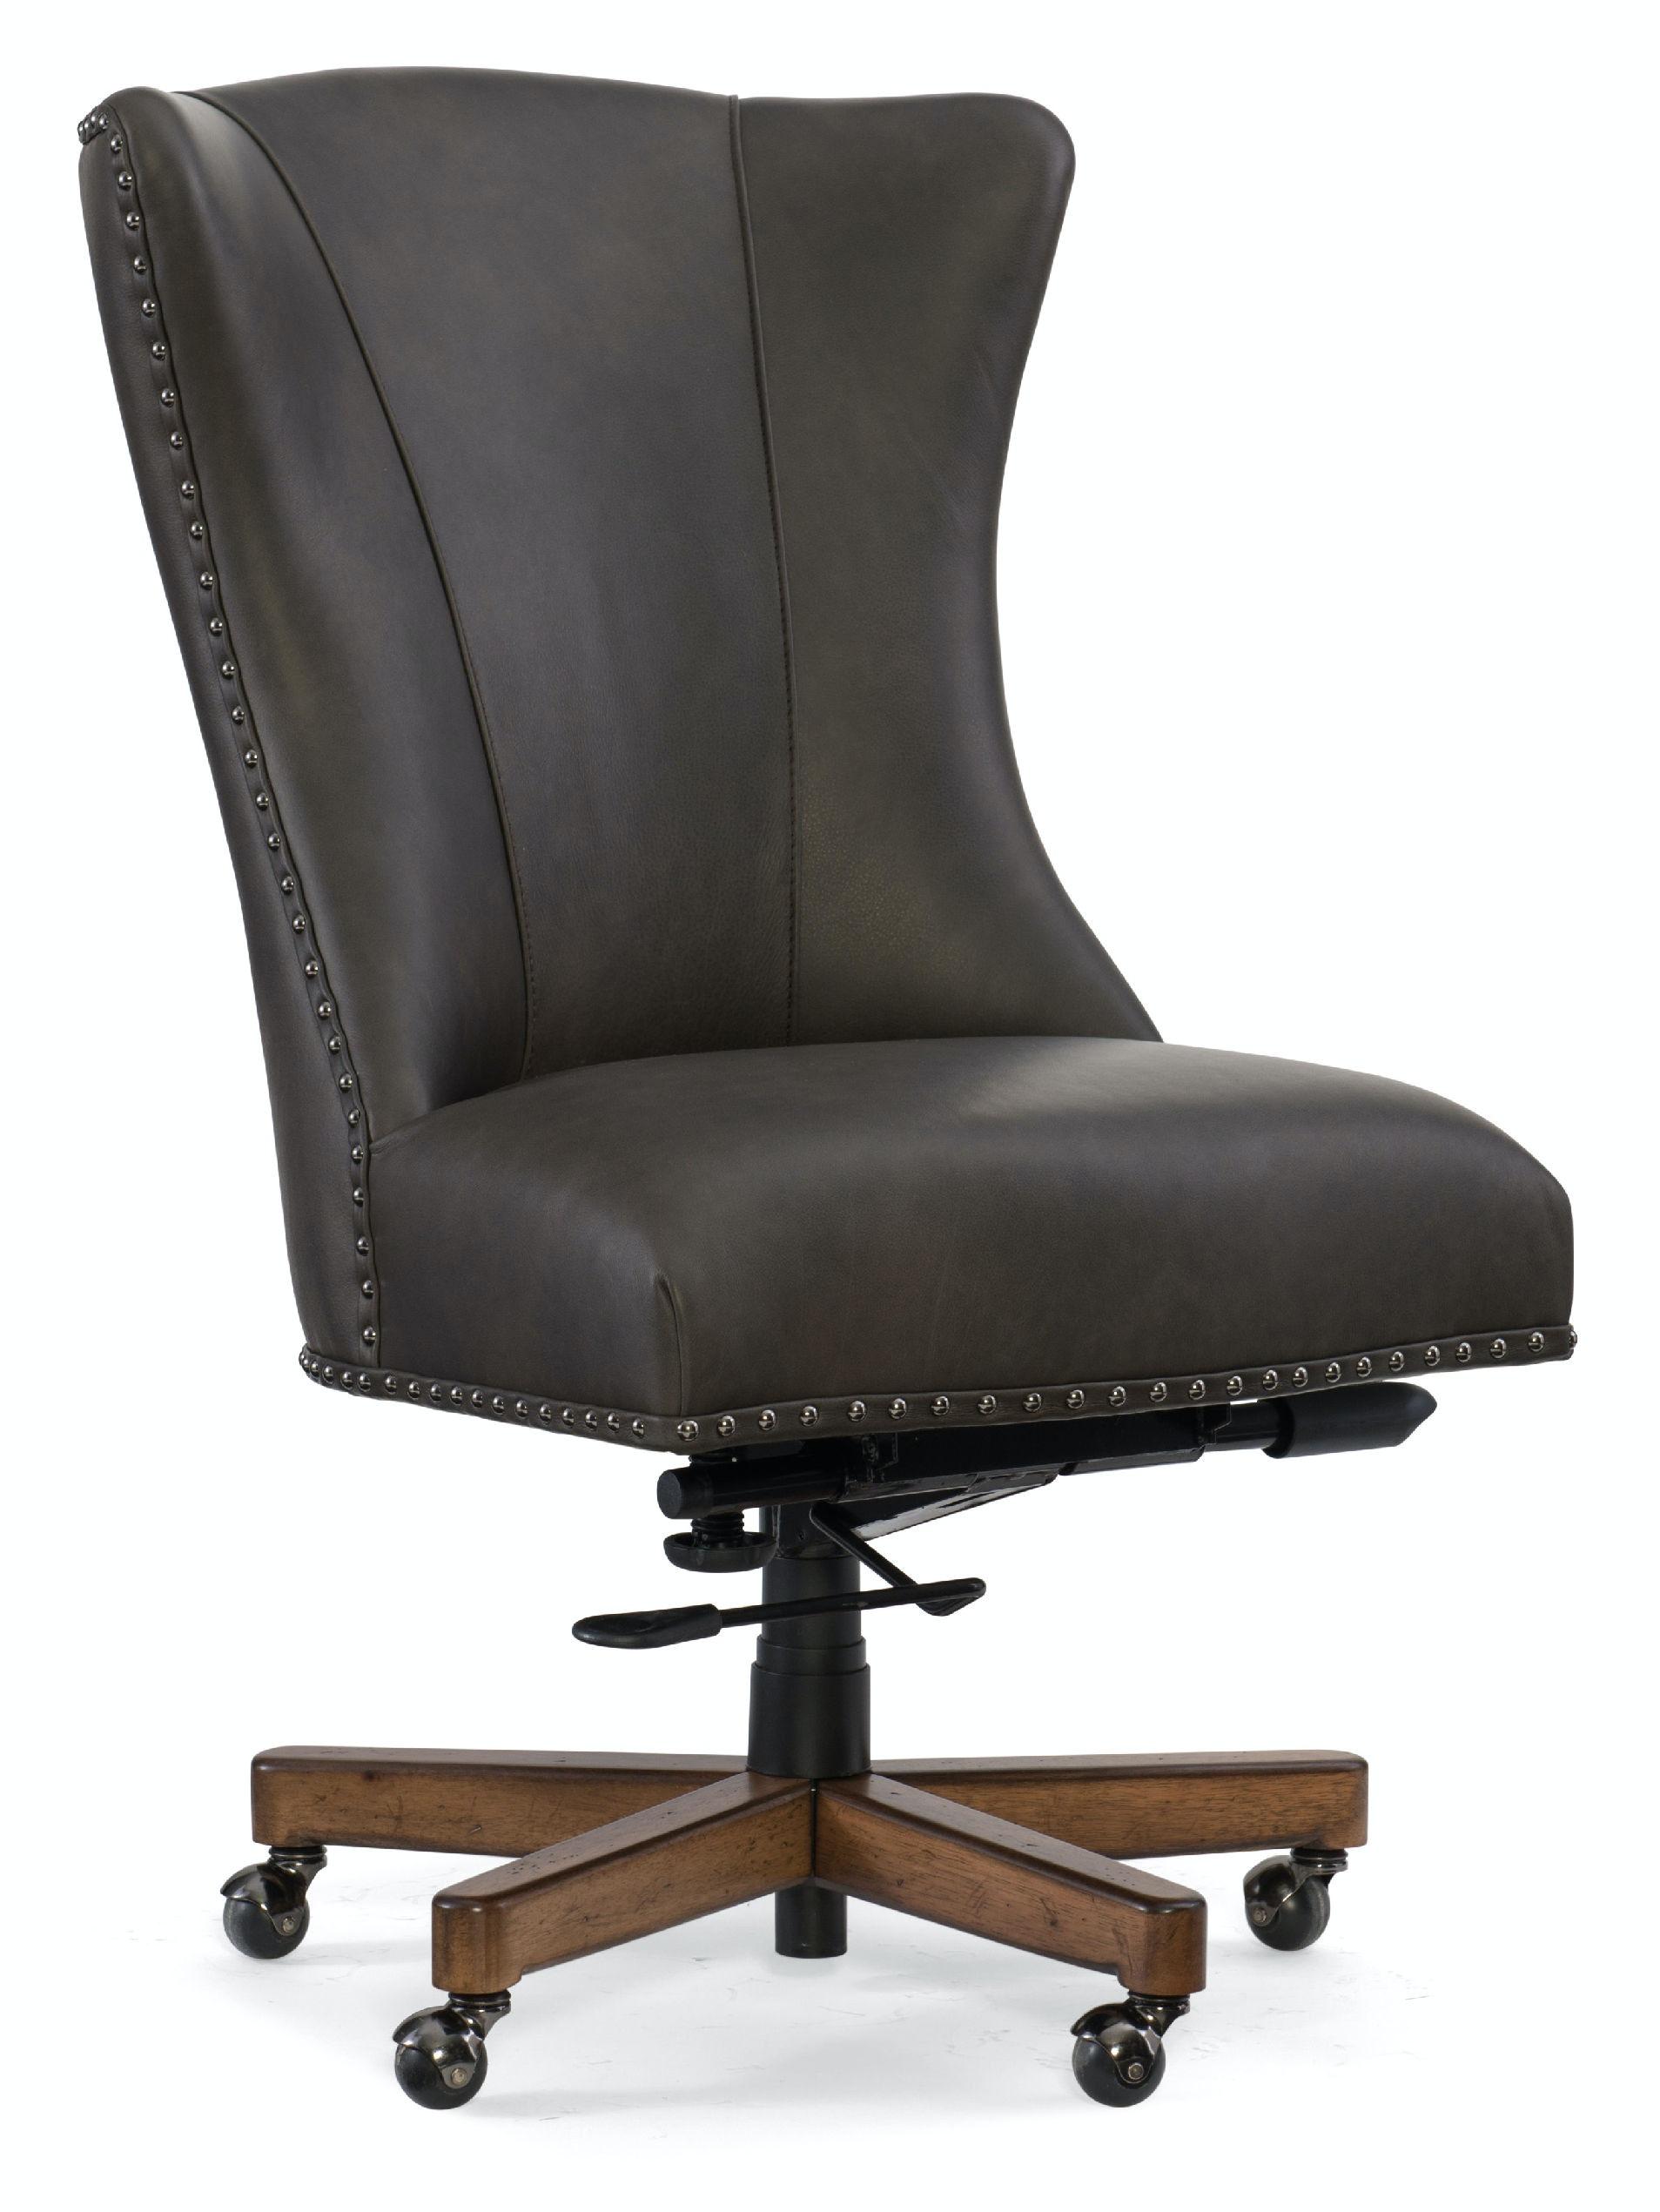 Lynn Home Office Chair EC483-079